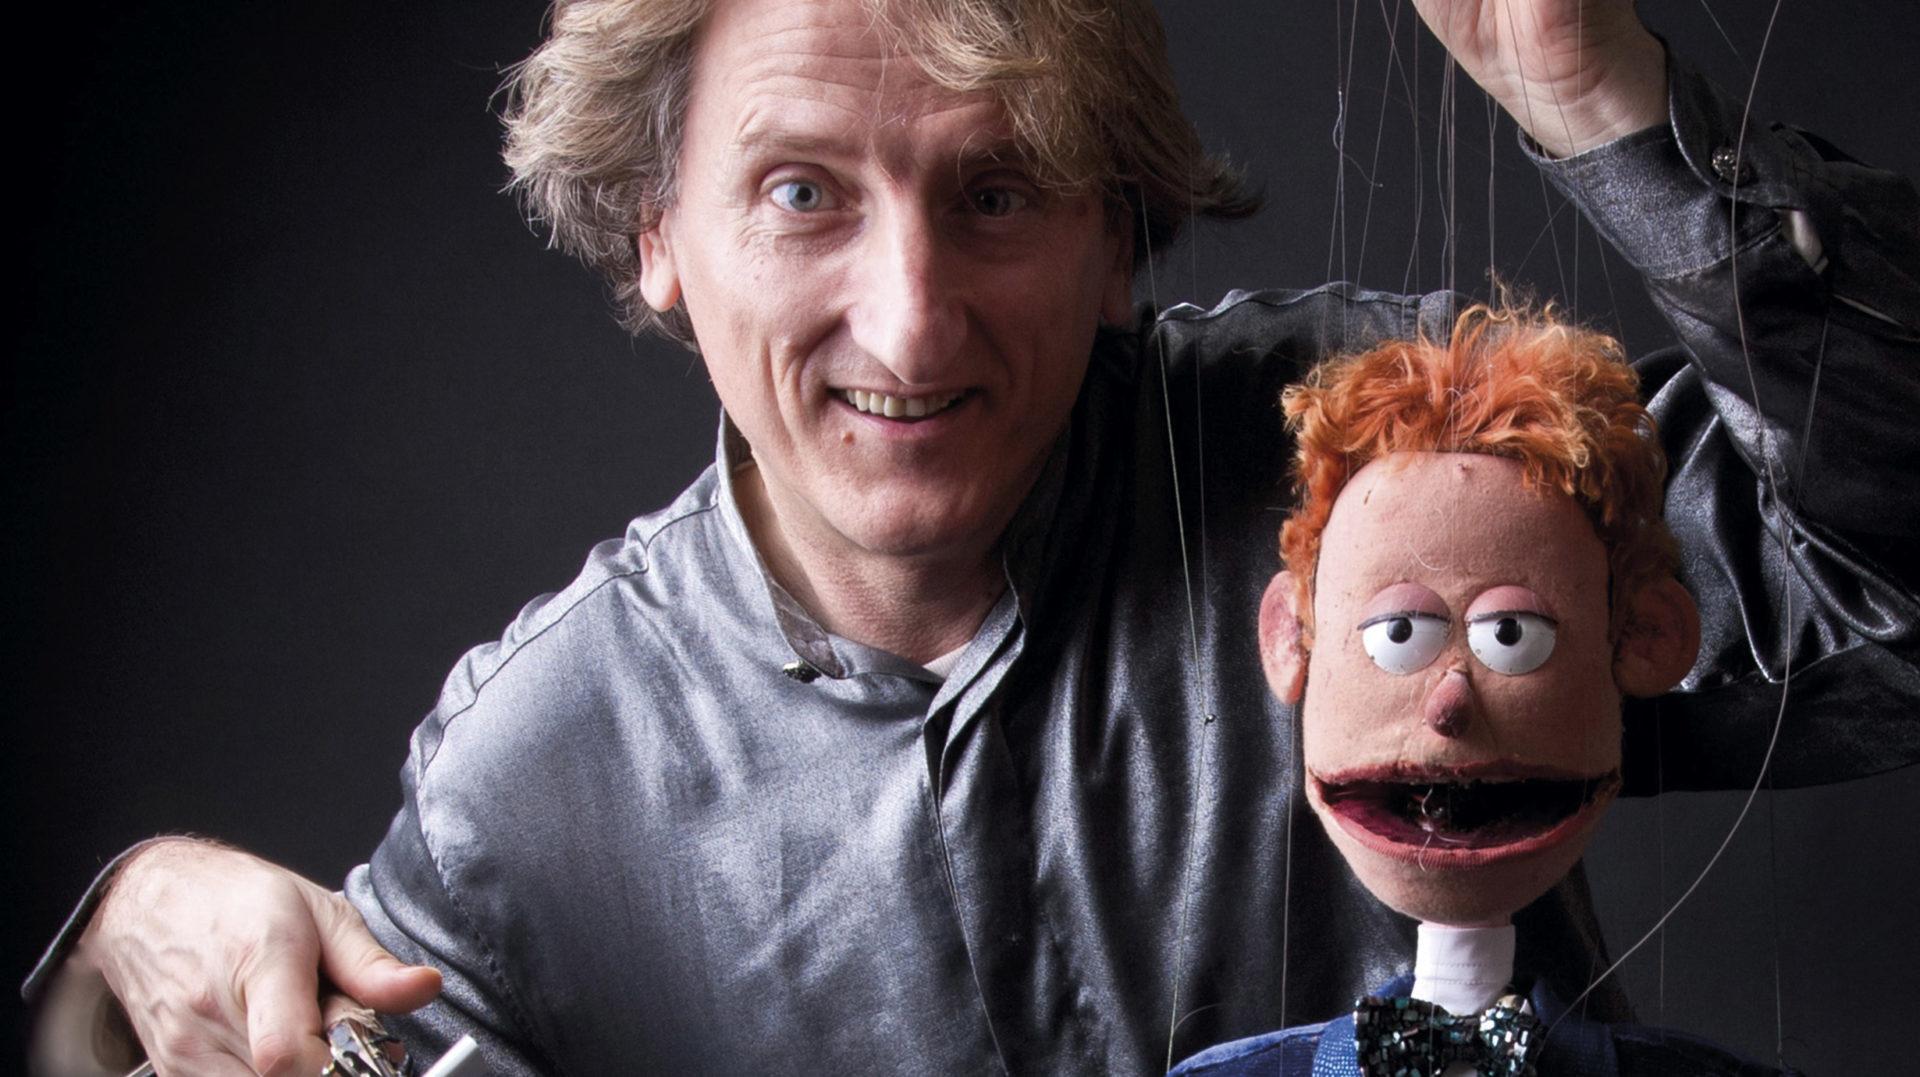 Alex Marionettes